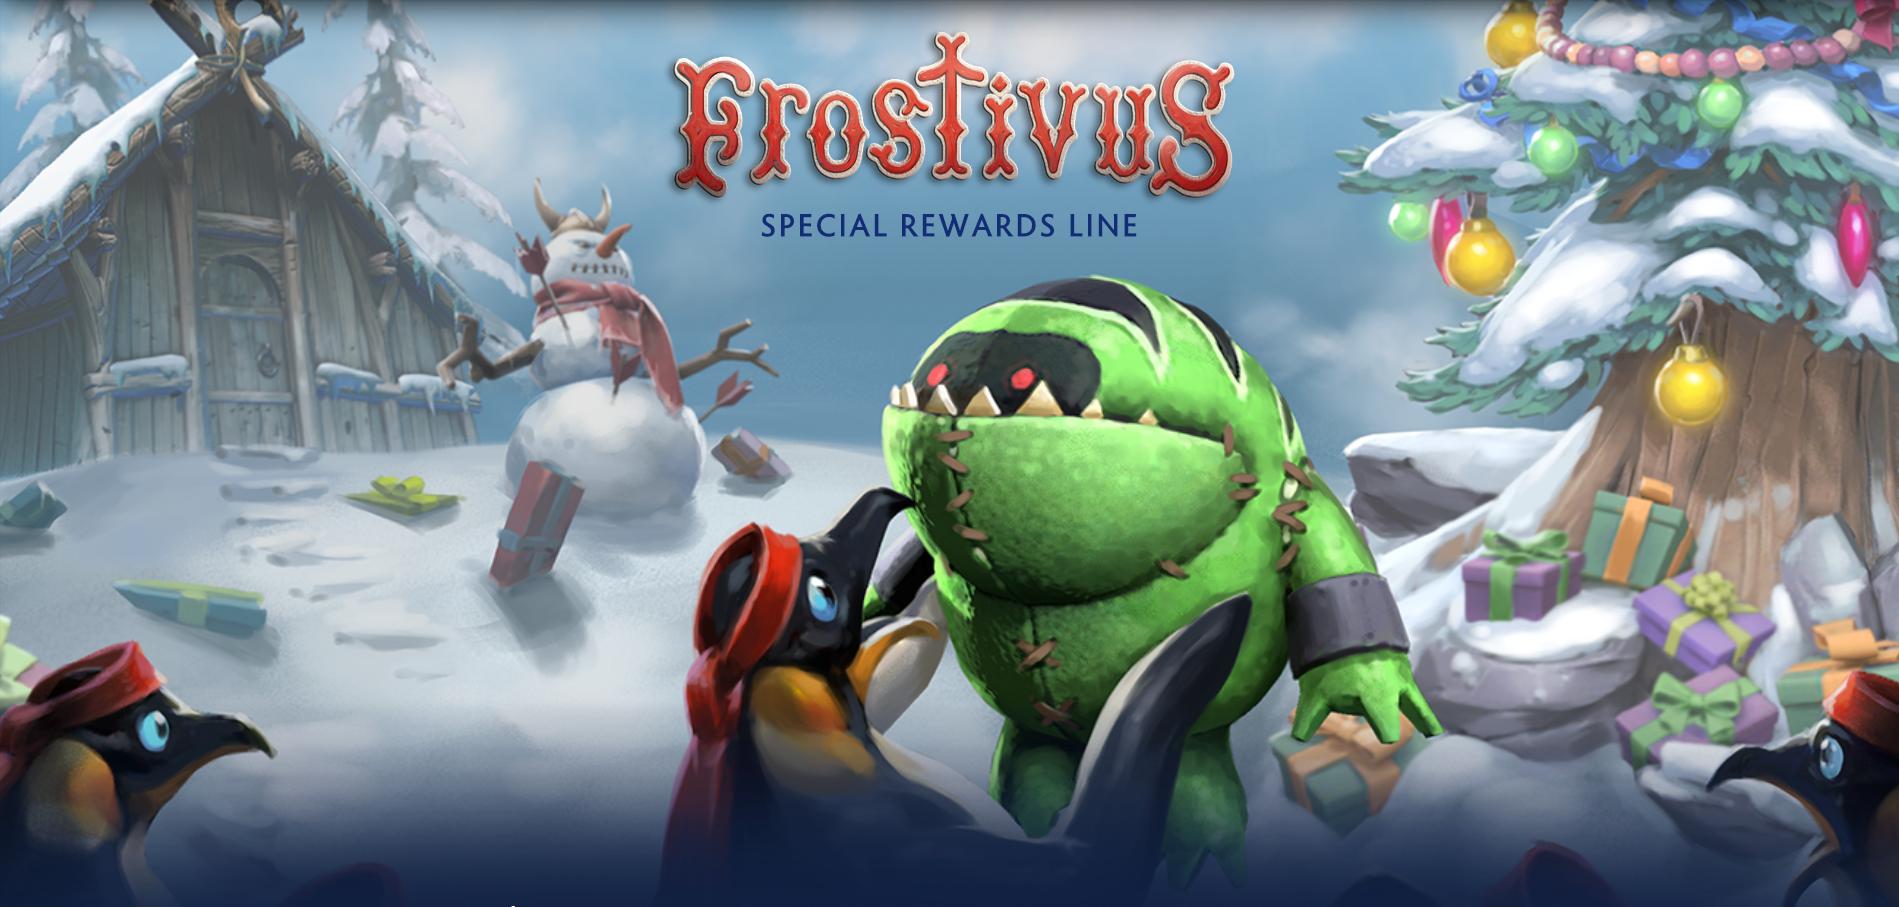 frostivus 2019 - Số lượng người chơi Dota 2 đạt mức thấp kỷ lục kể từ tháng 1 năm 2014